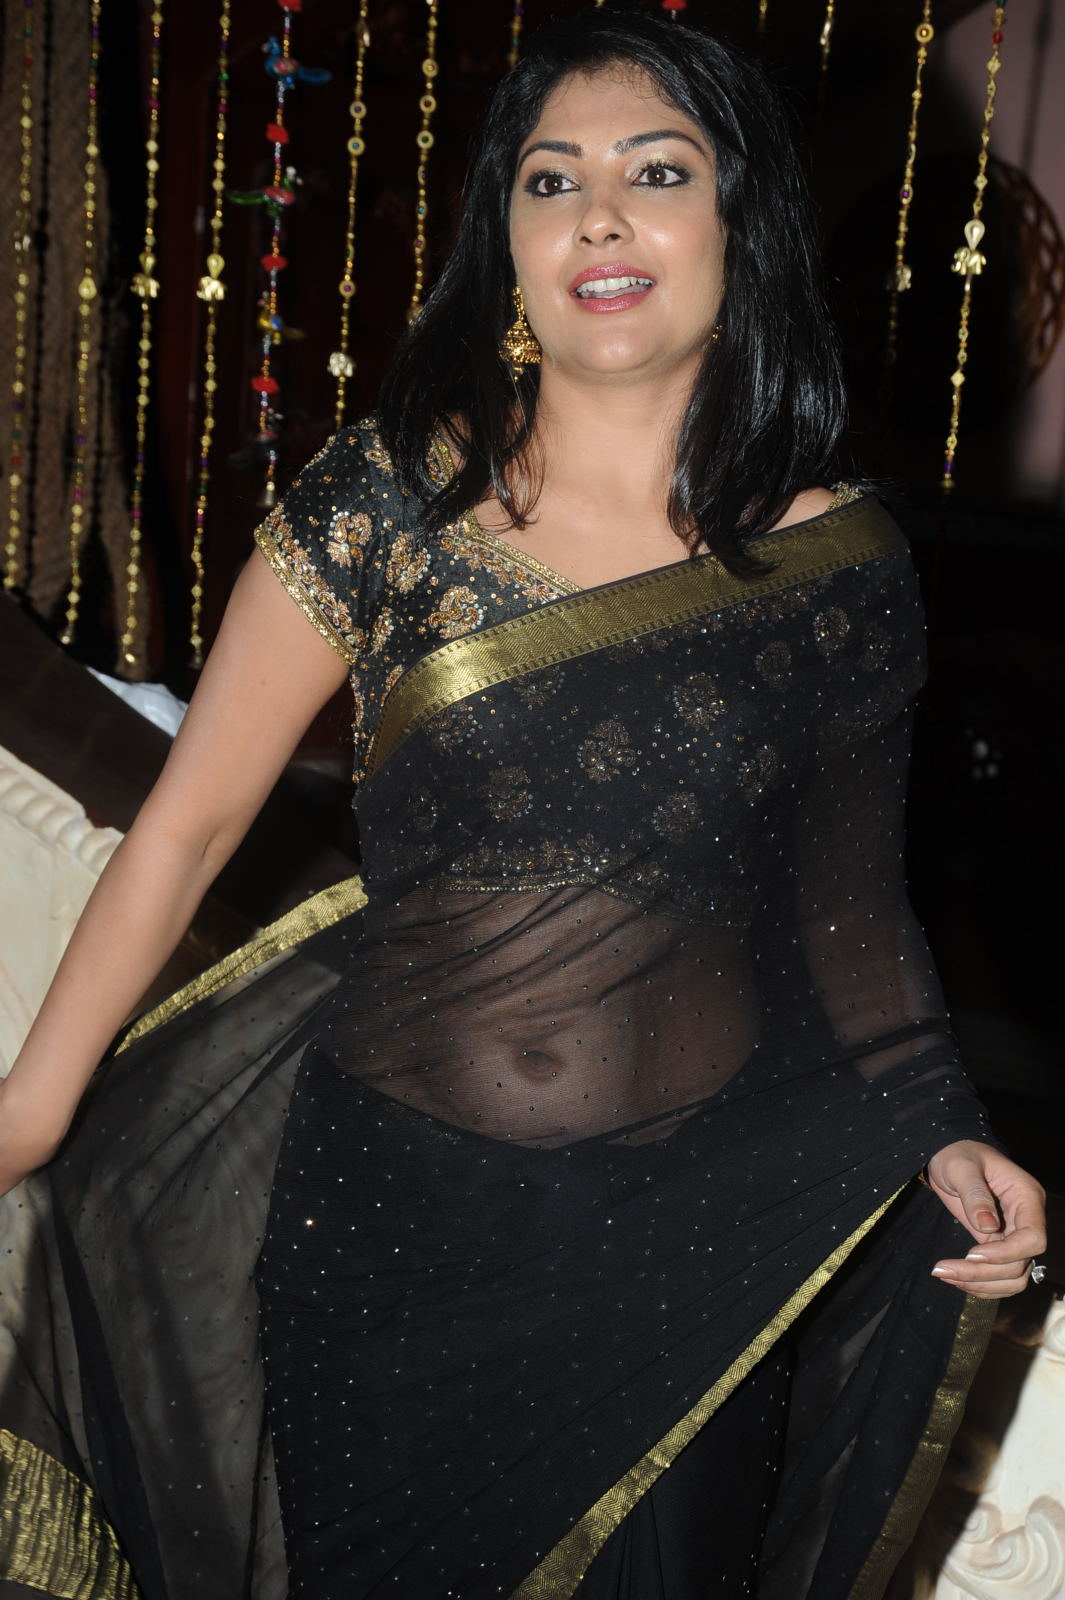 Kamalinee mukherjee black saree photos